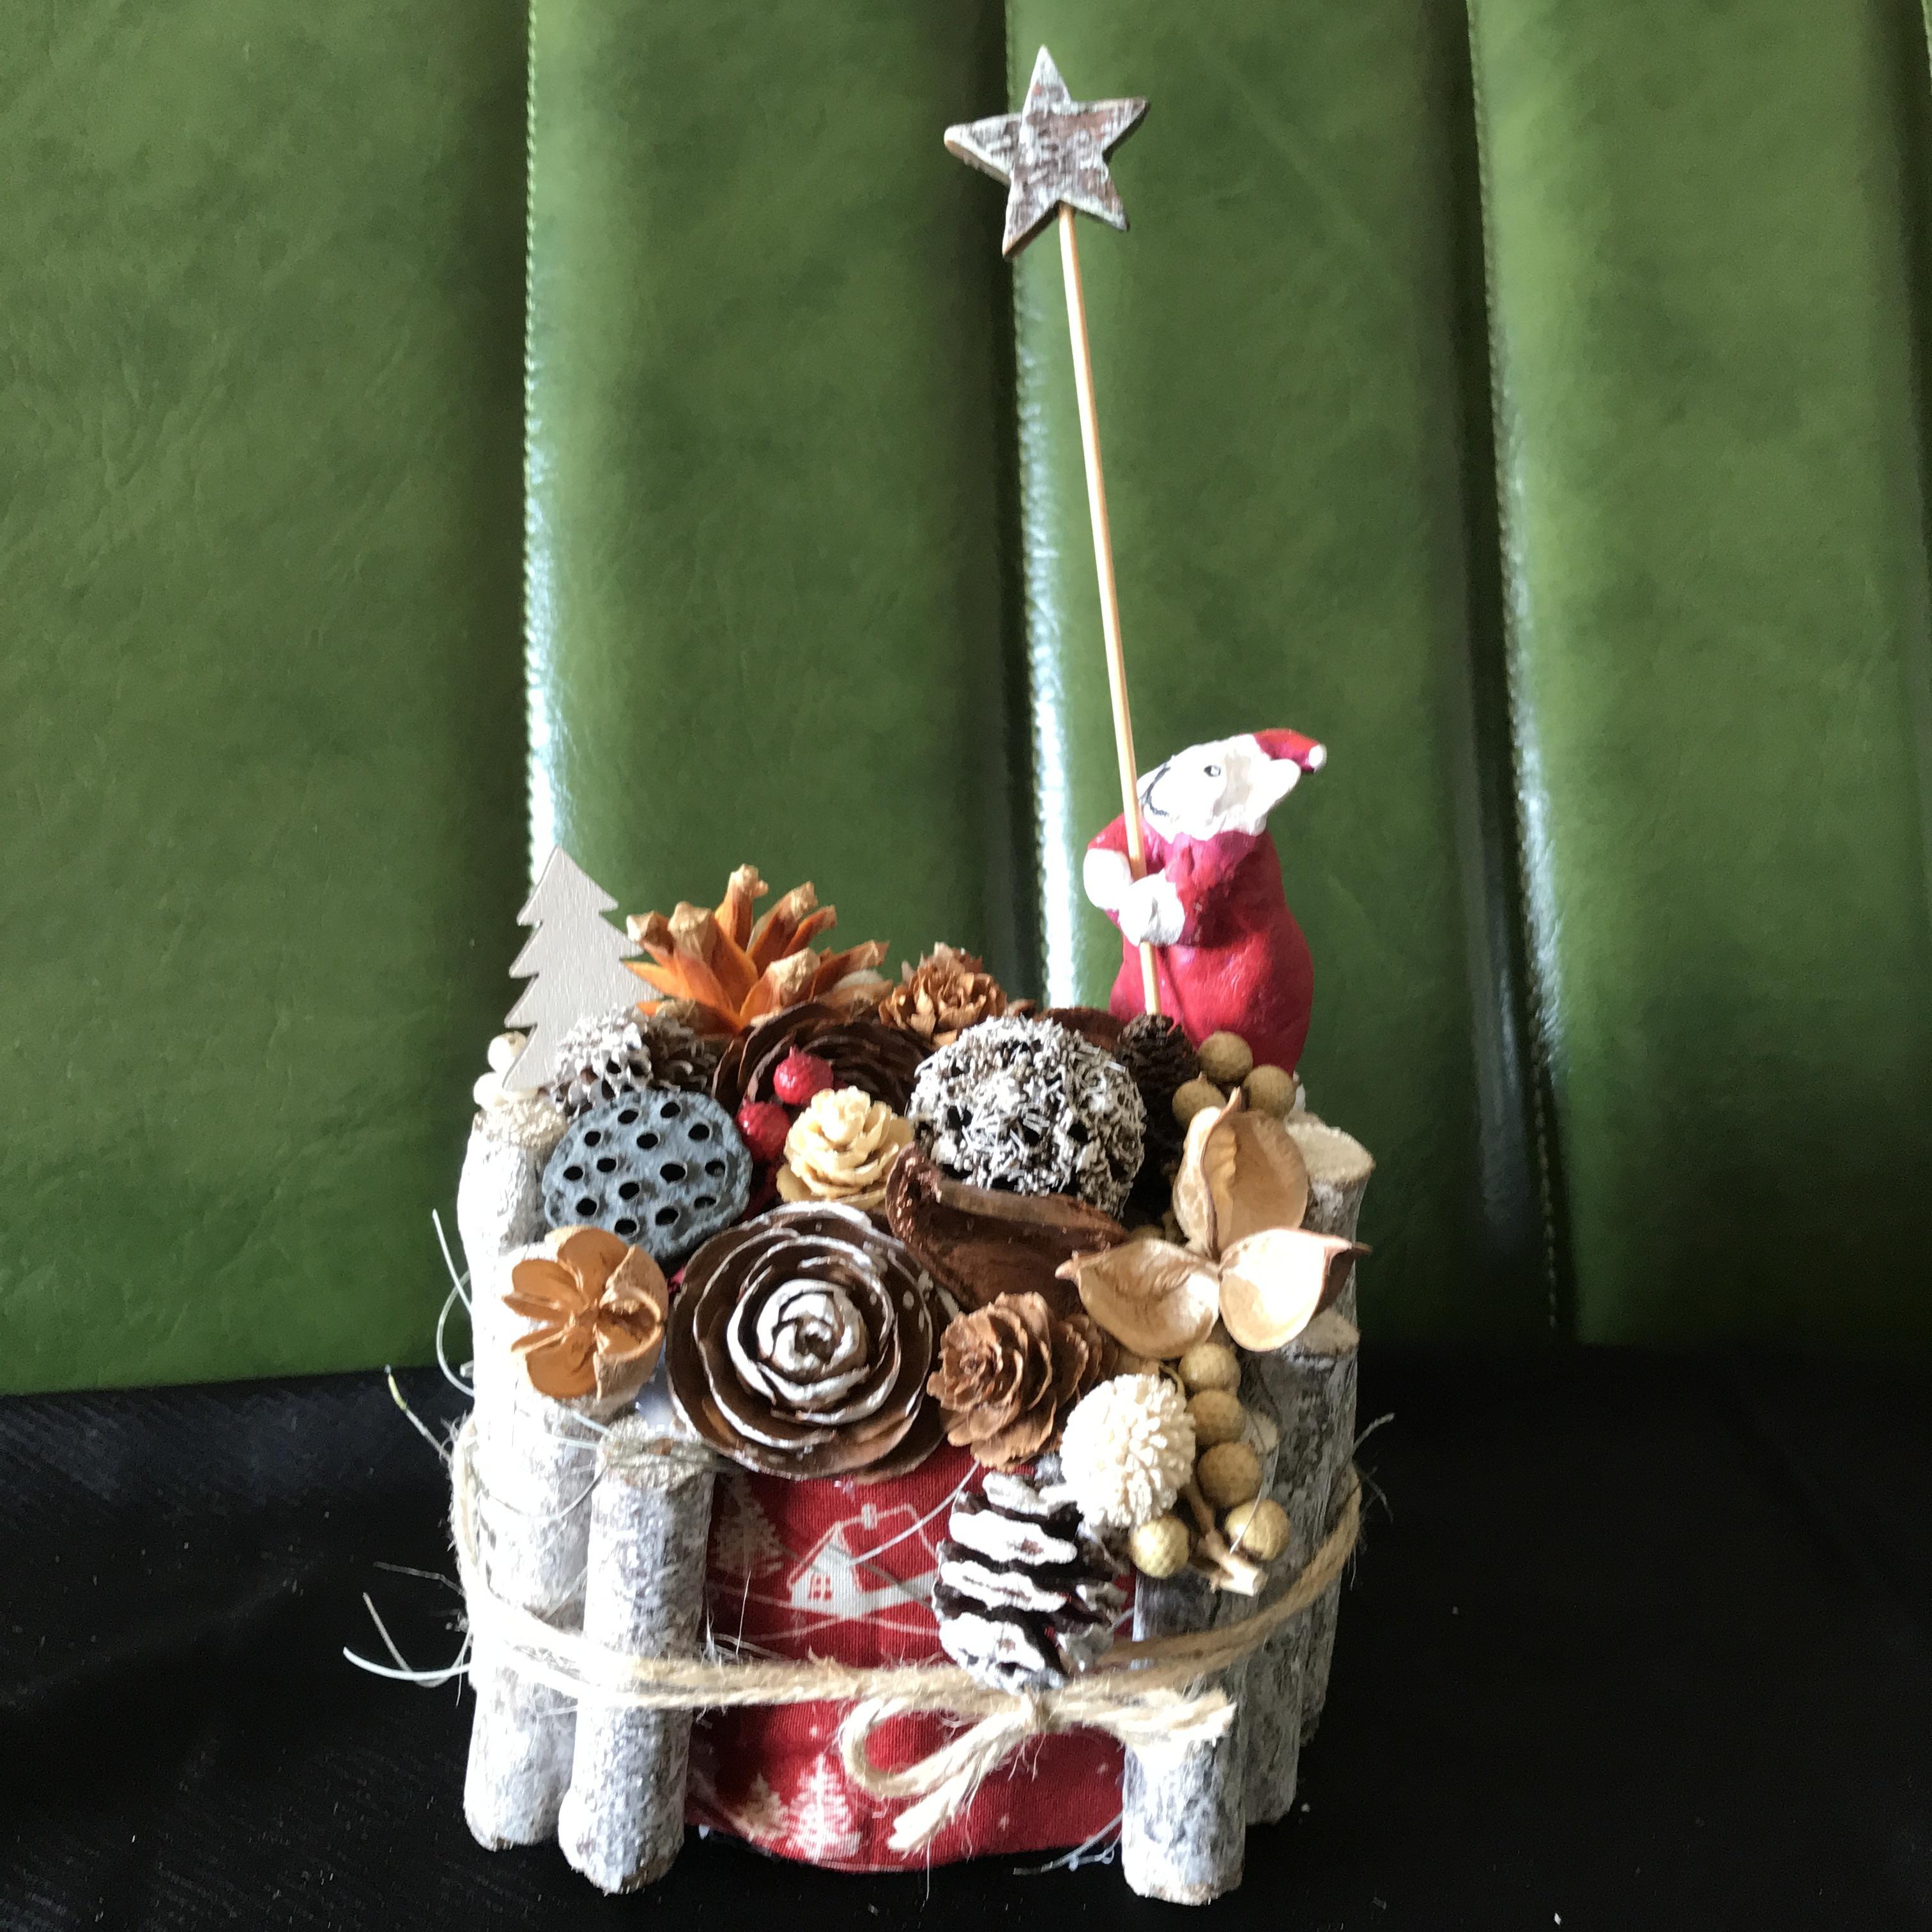 白樺の森のBUHIクリスマス(クリーム)